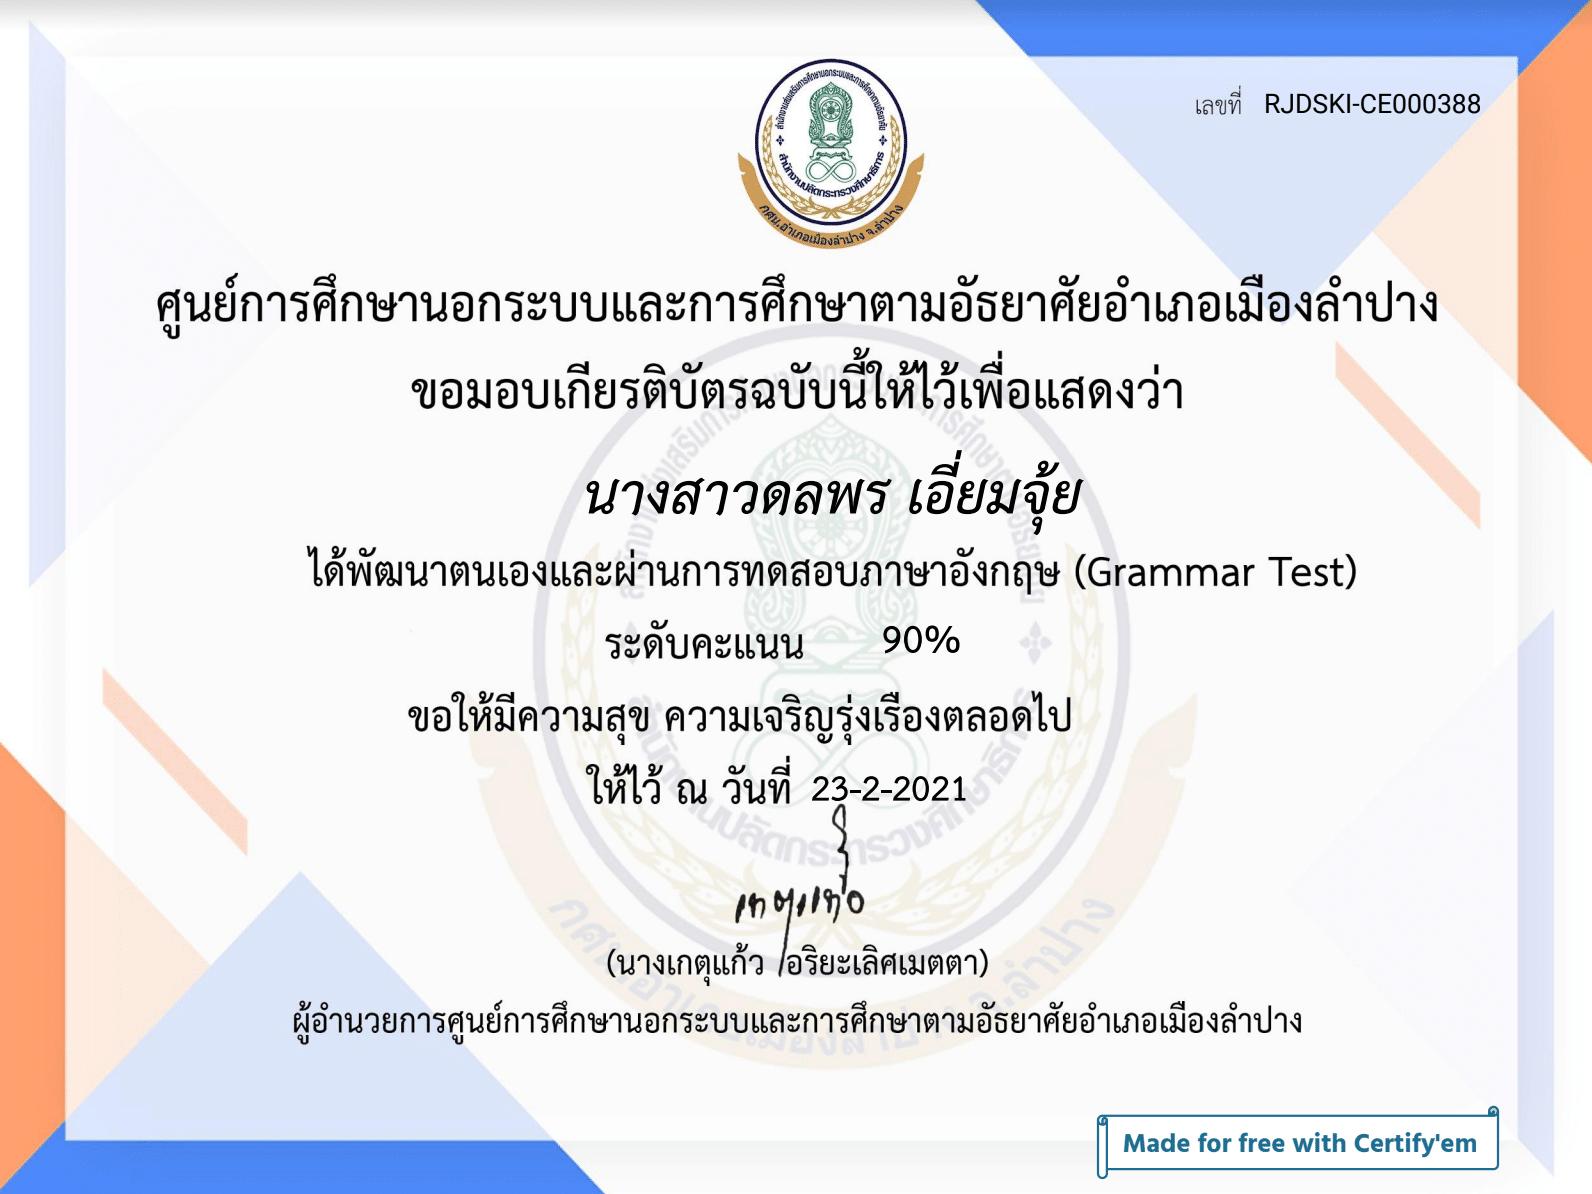 ขอเชิญทำแบบทดสอบออนไลน์ ภาษาอังกฤษ(Grammar) ผ่านการทดสอบ 80% ขึ้นไป รับเกียรติบัตรผ่านทาง Email โดย กศน.อำเภอเมืองลำปาง